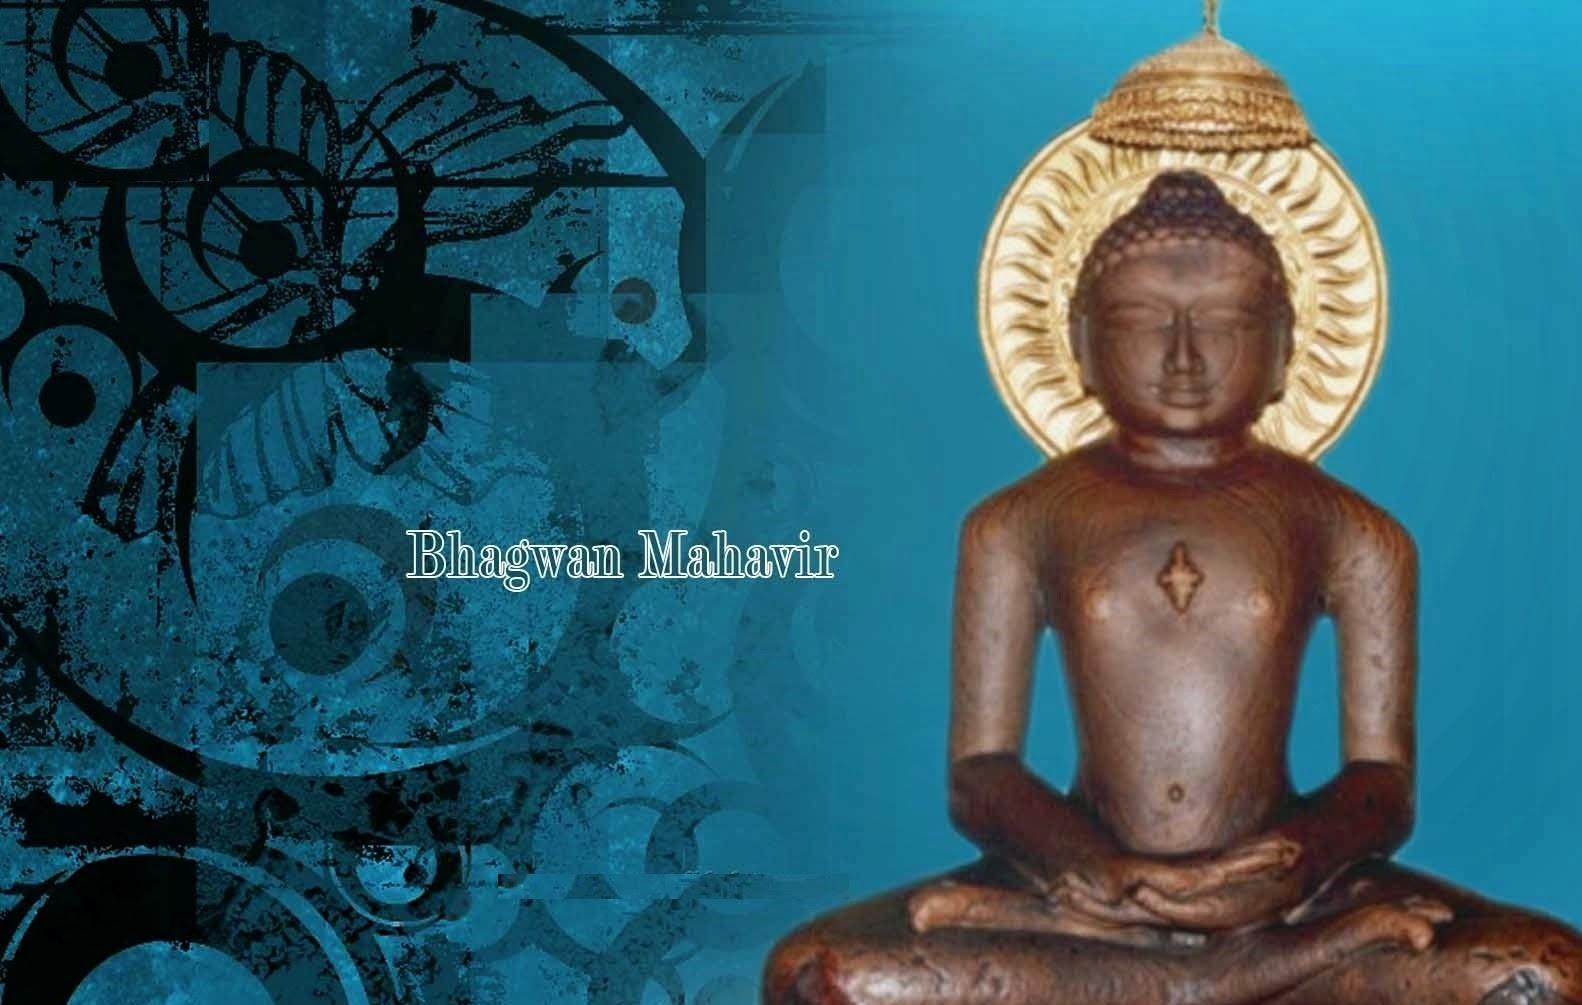 happy mahavir jayanthi images